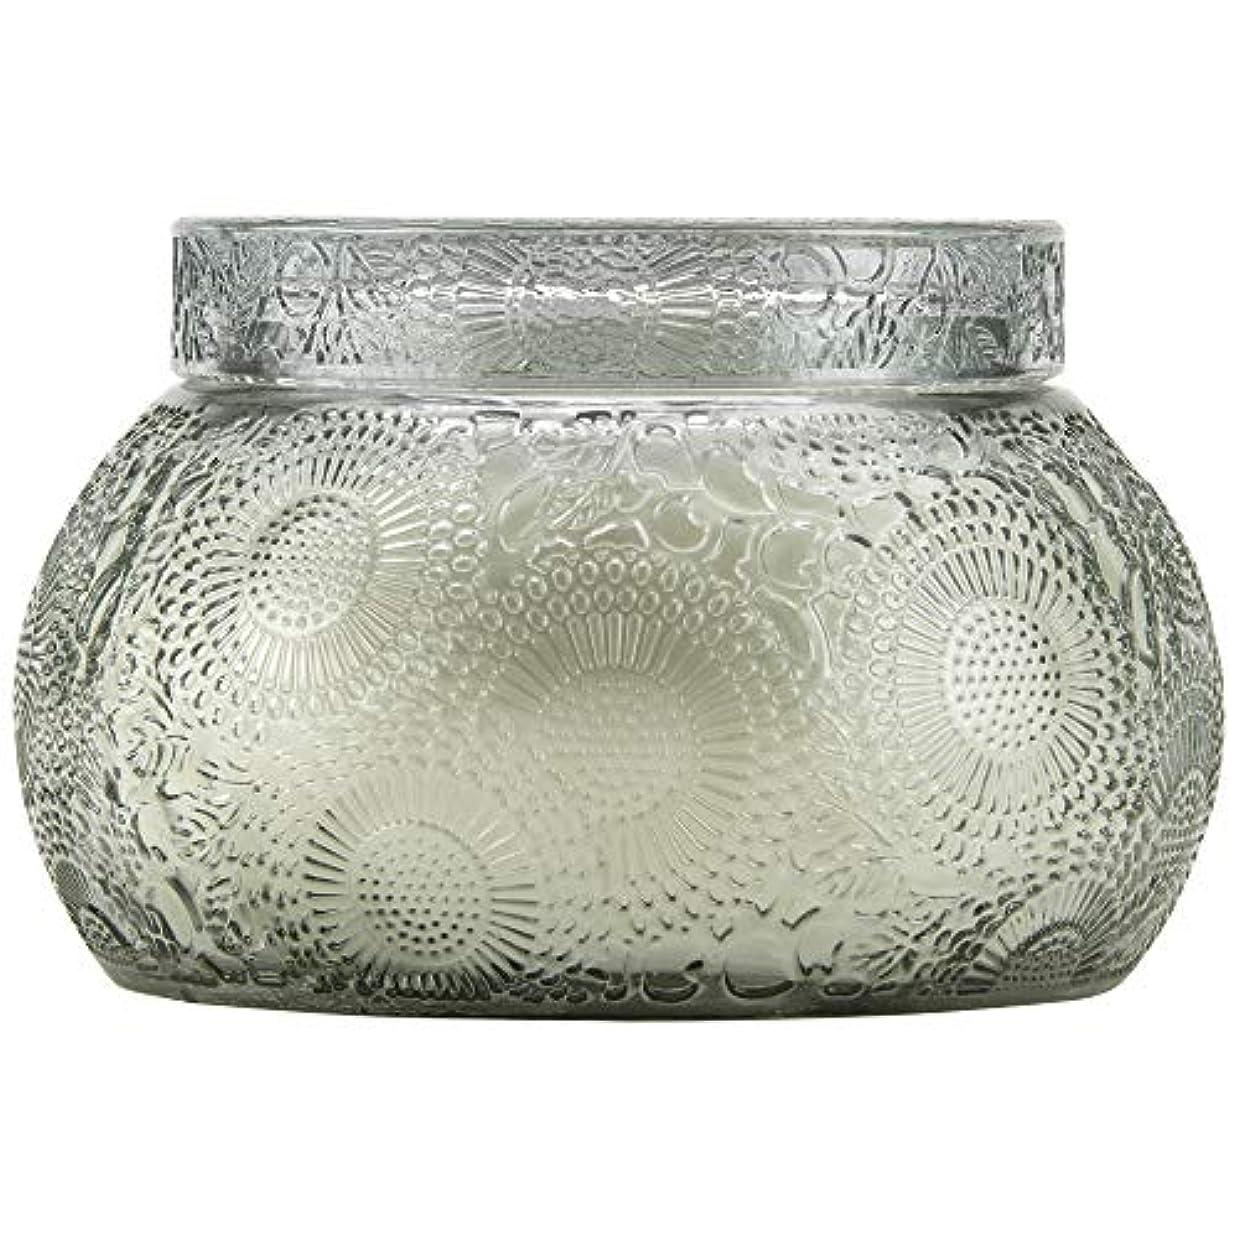 対処浸食履歴書VOLUSPA チャワングラスキャンドル French Cade Lavender フレンチケード&ラベンダー GLASS CANDLE ボルスパ